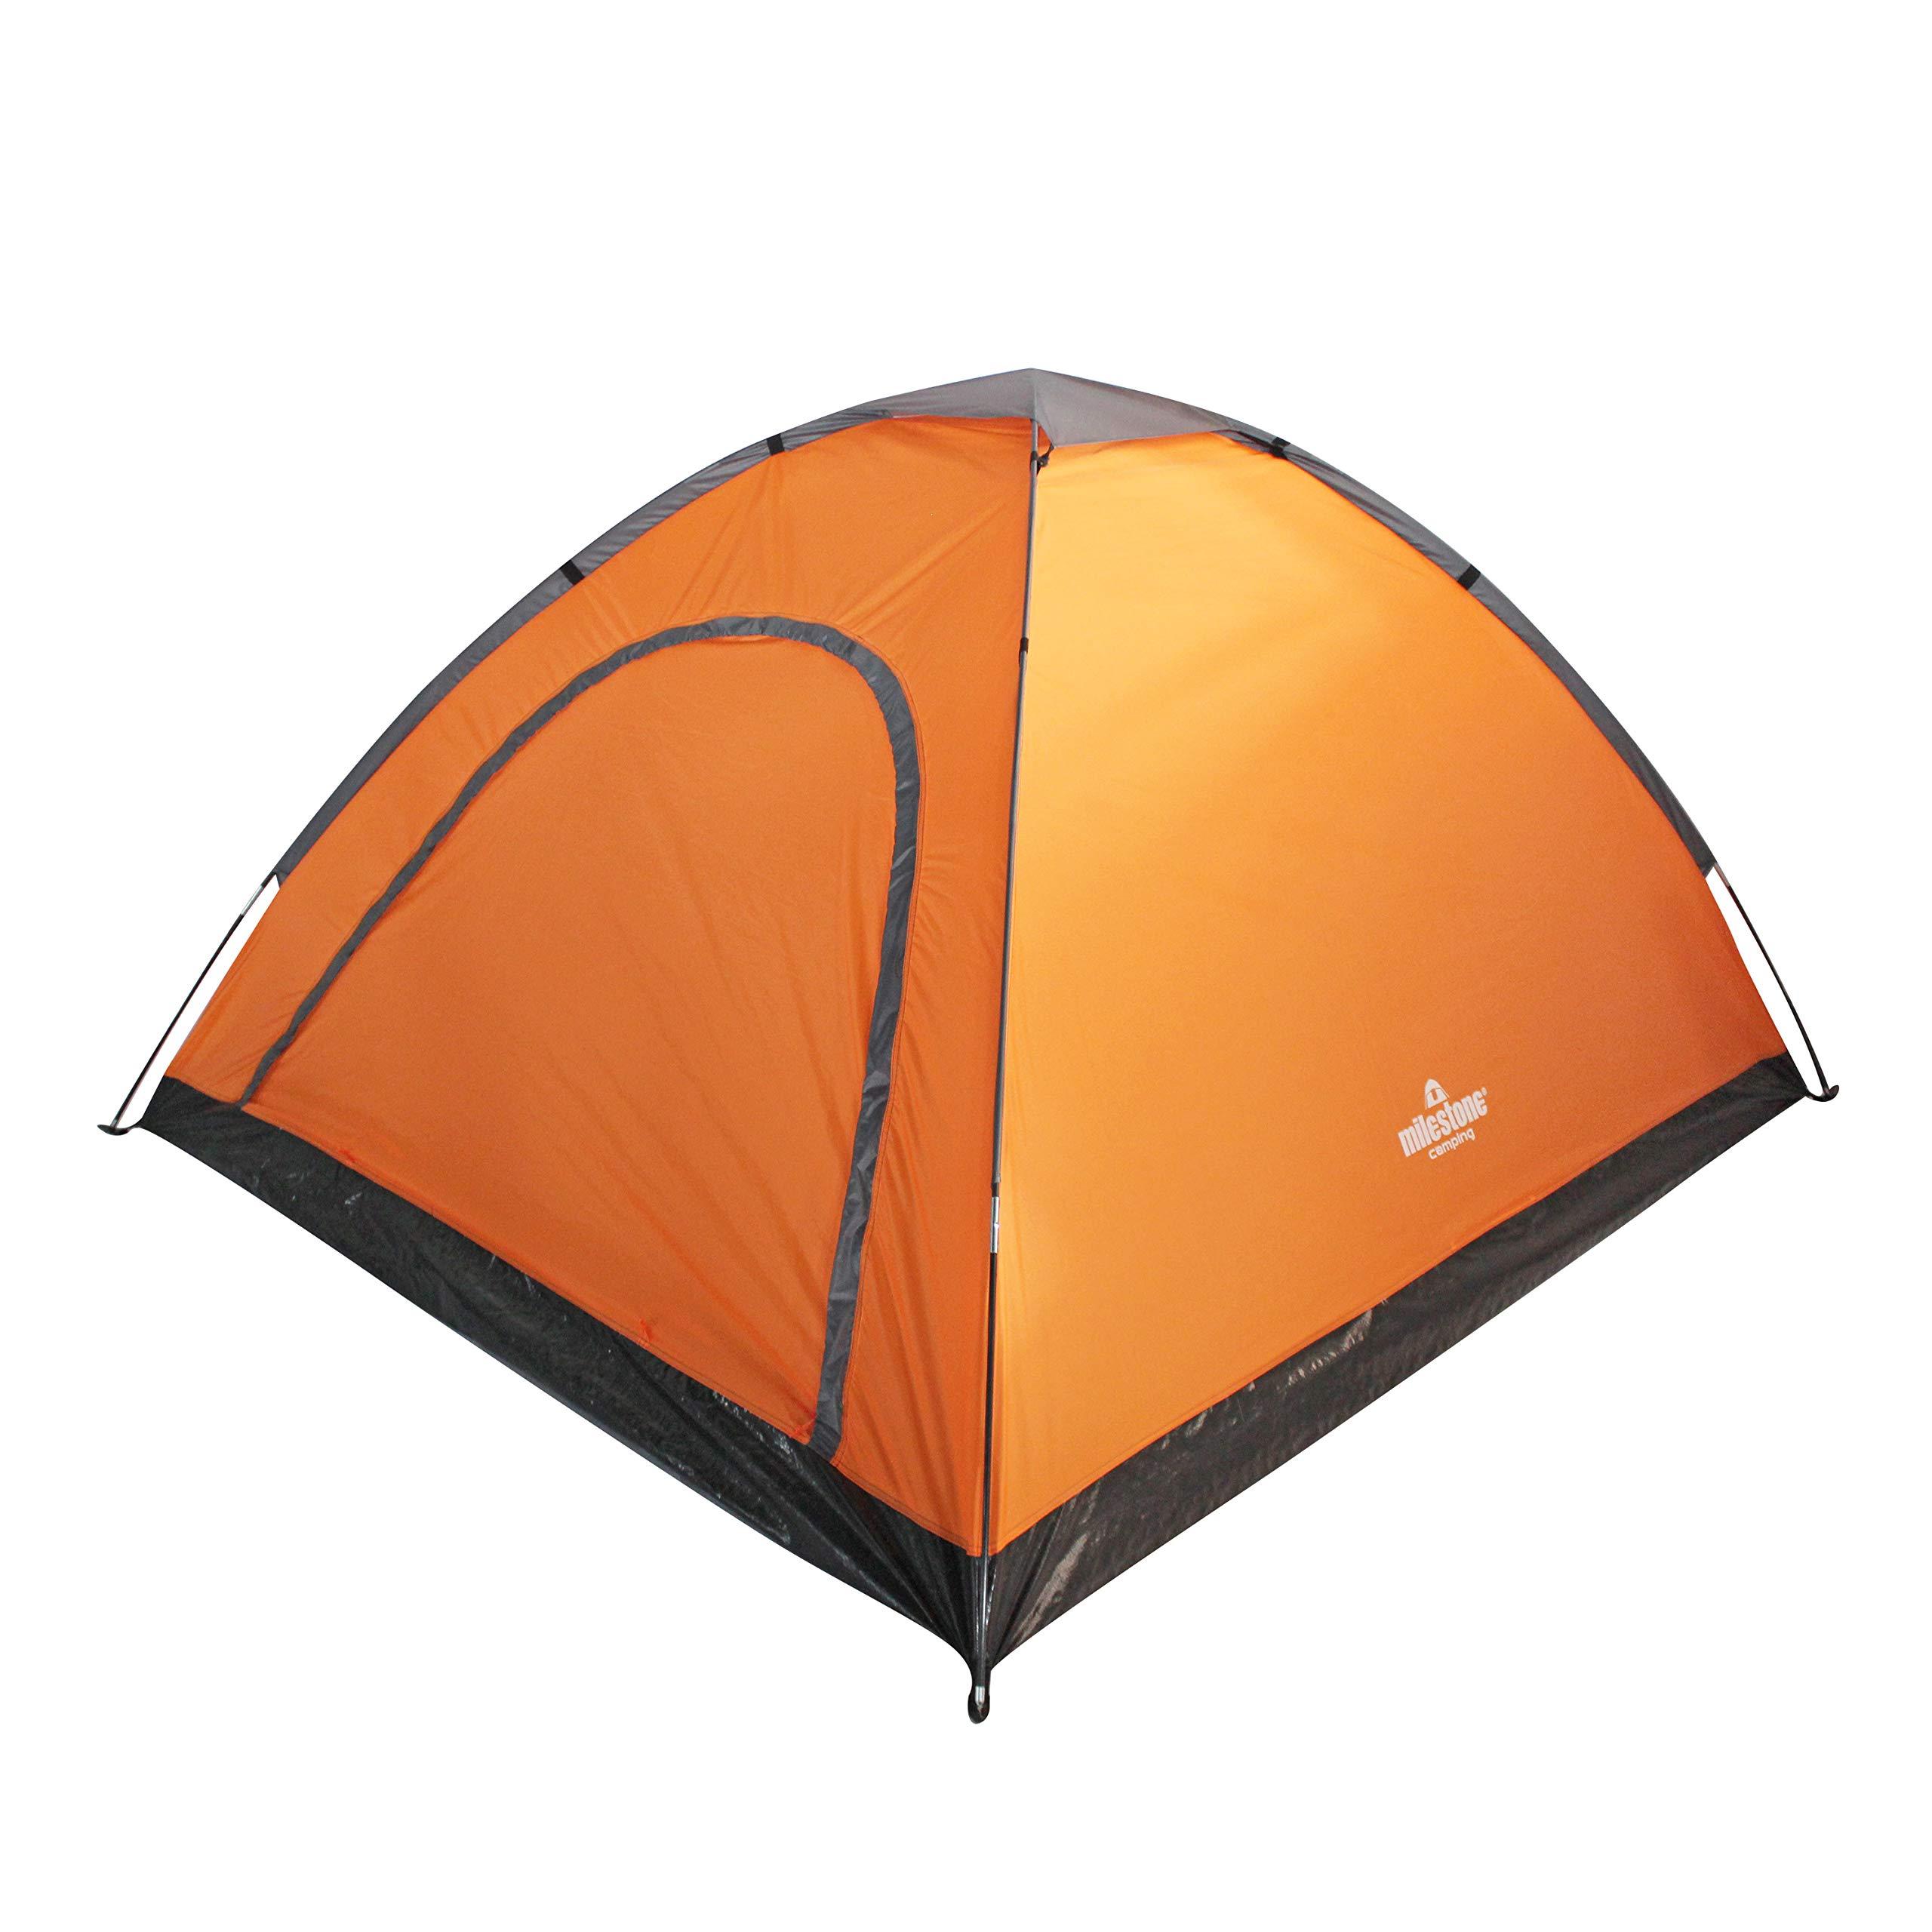 Milestone Camping 18849 Camping 18849-Tienda de campaña para 4 Personas con Bolsa de Almacenamiento, Unisex Adulto, Naranja y Gris, H130 x W210 x D240cm: Amazon.es: Deportes y aire libre